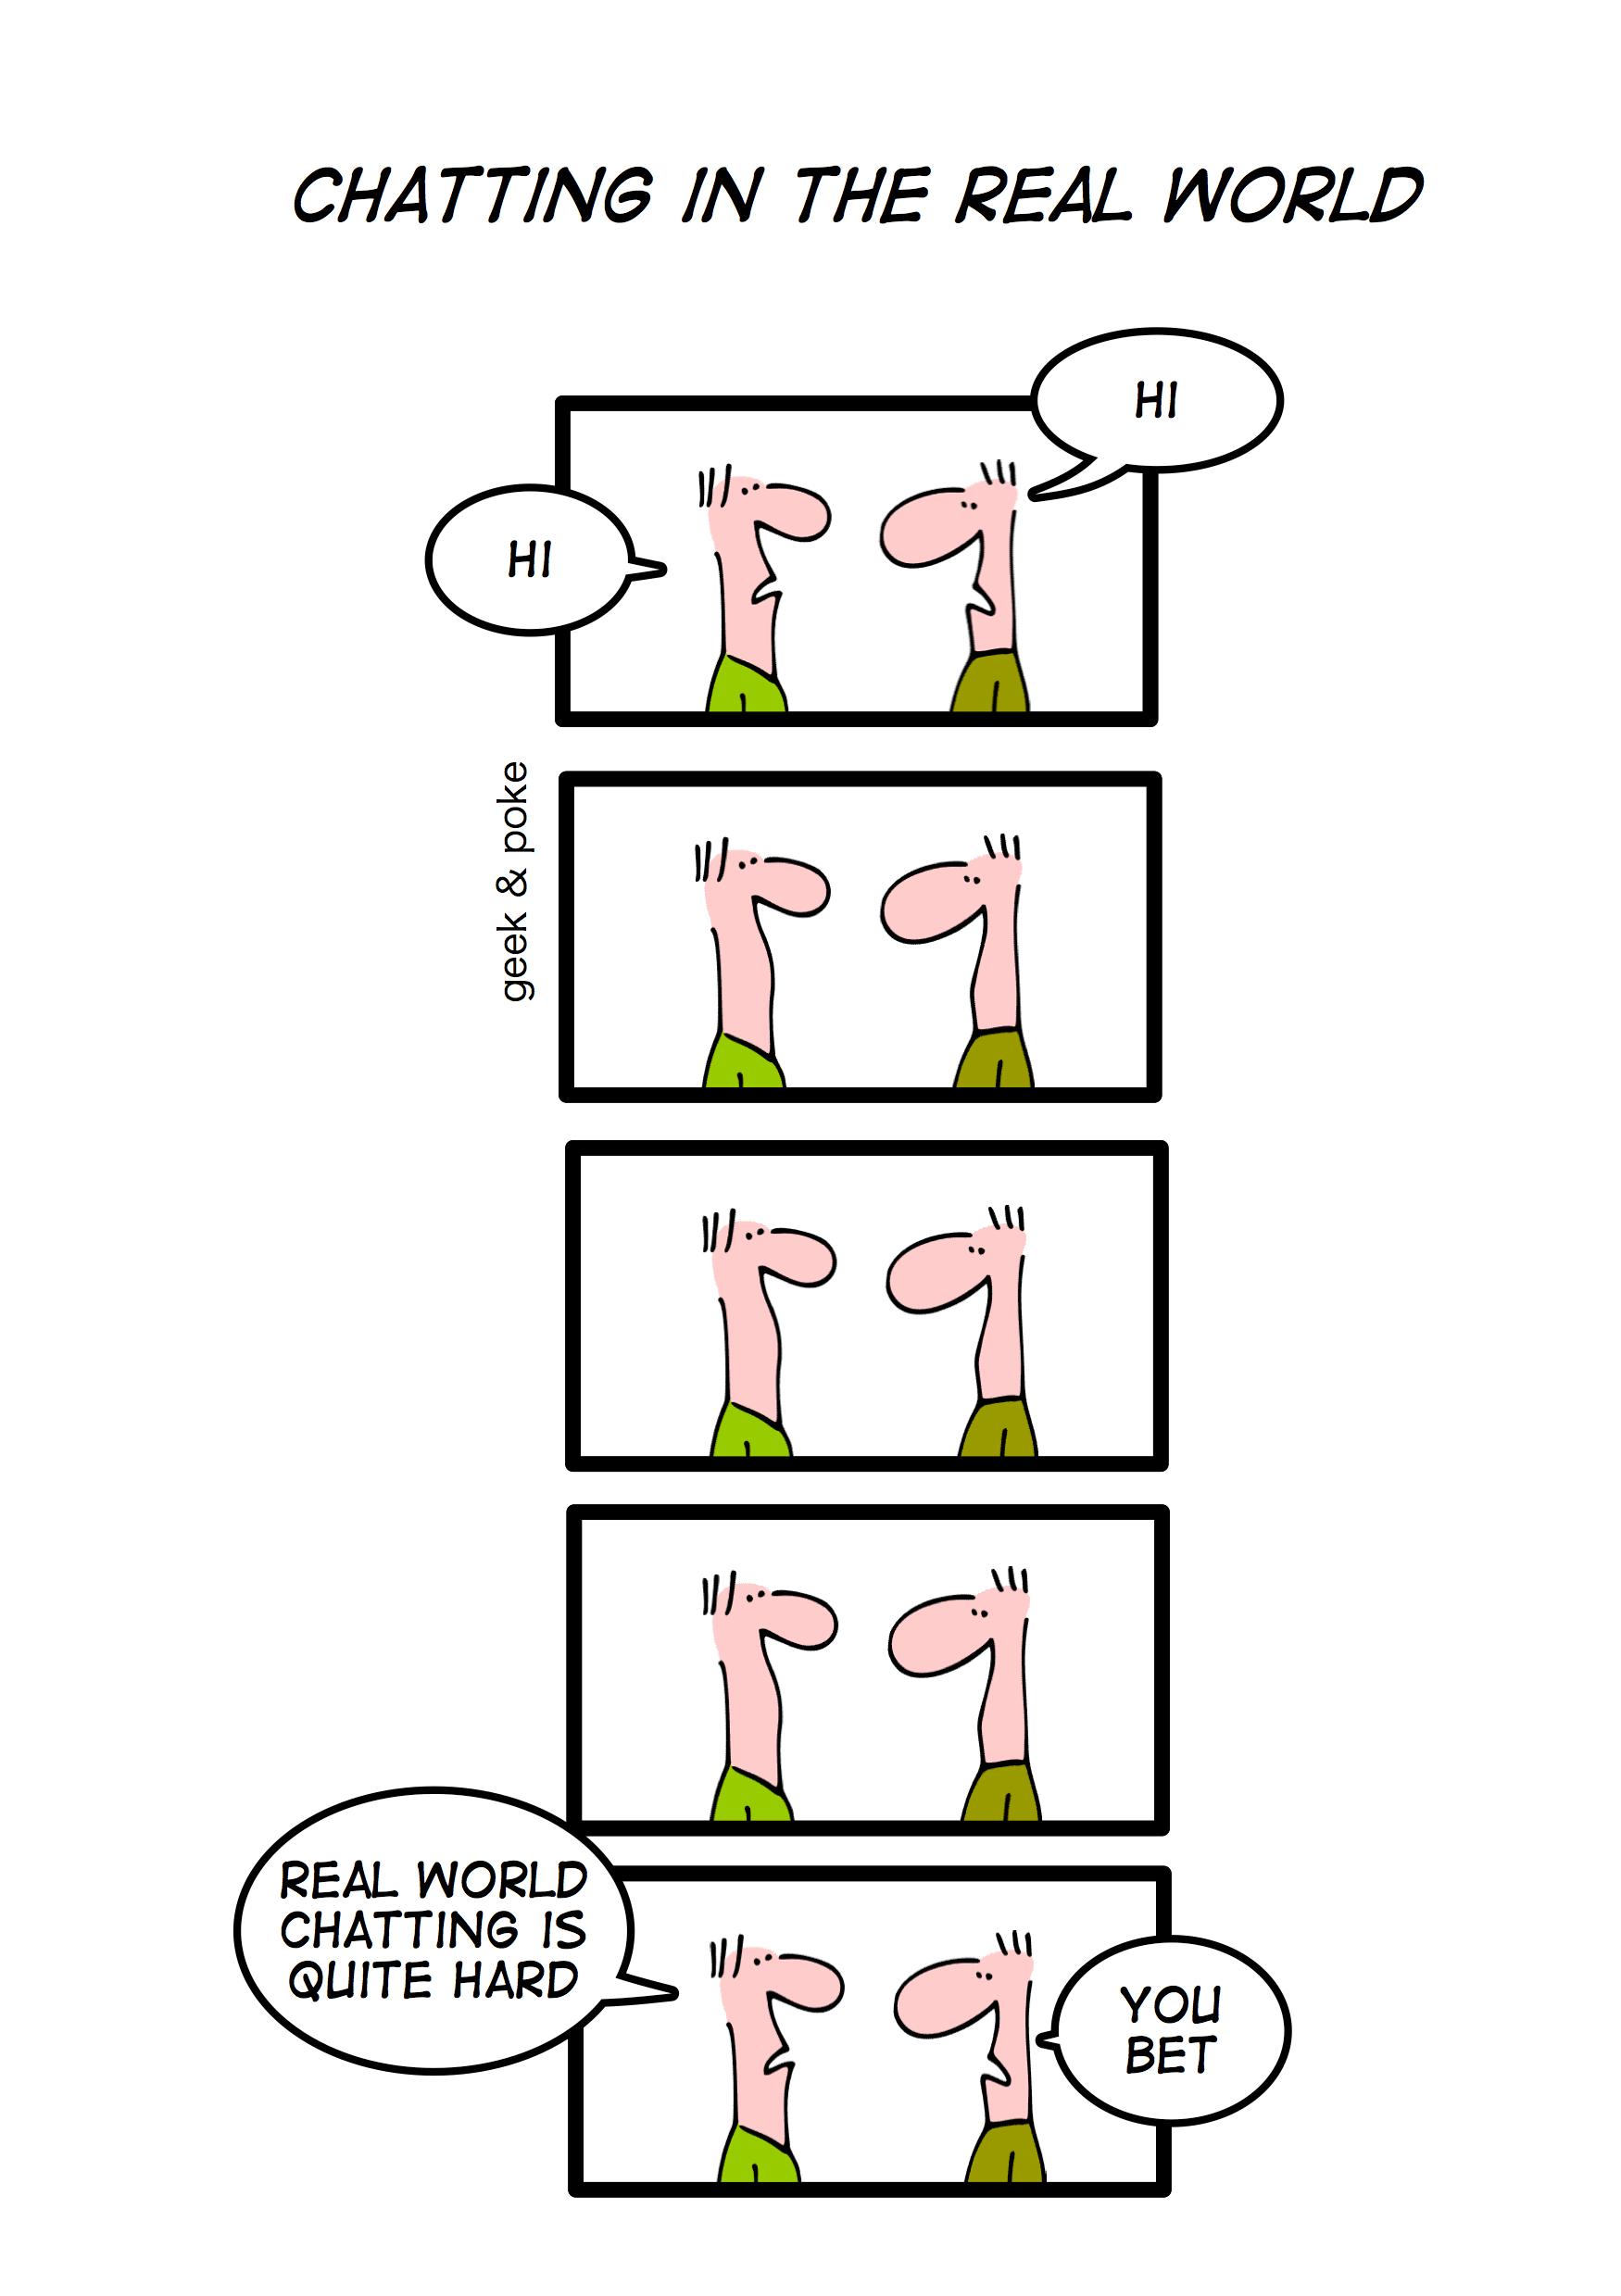 Image making fun at real life Networking